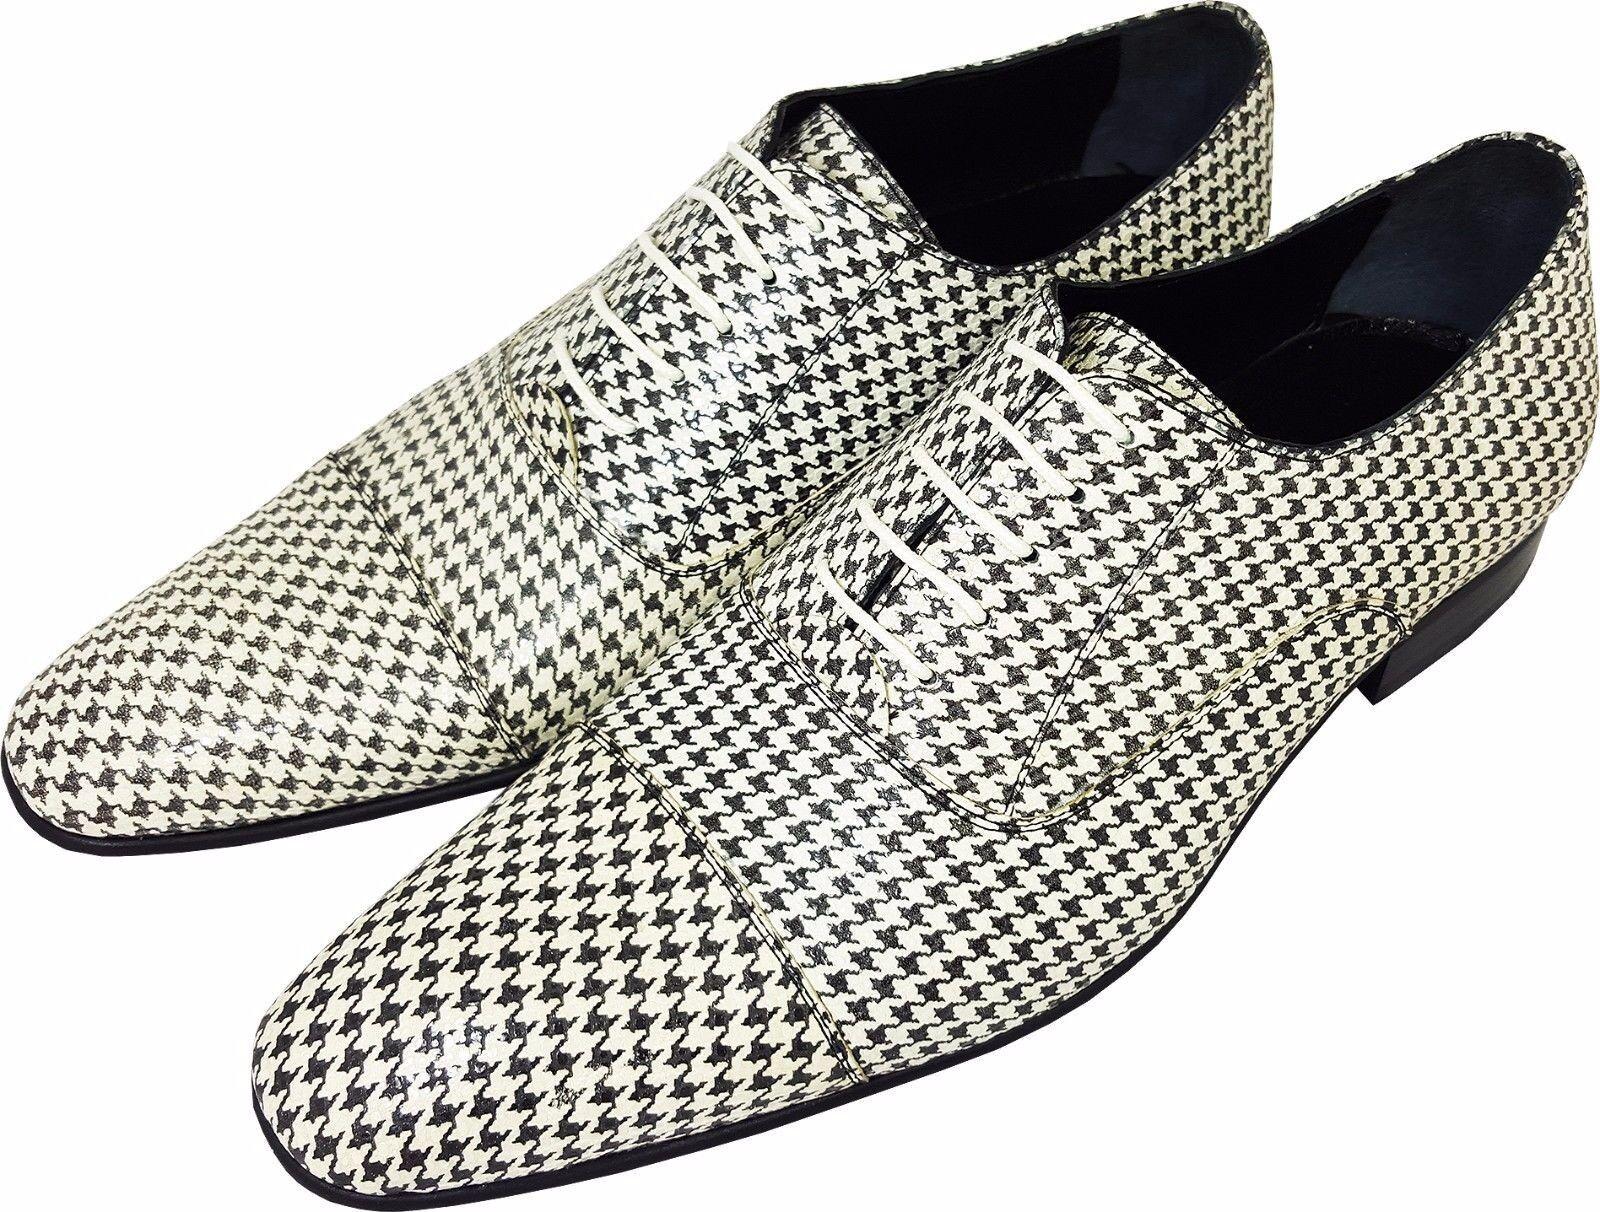 Original Chelsy-Italien CREATEUR Pantoufles Motif de quadrillage blanc noir 45